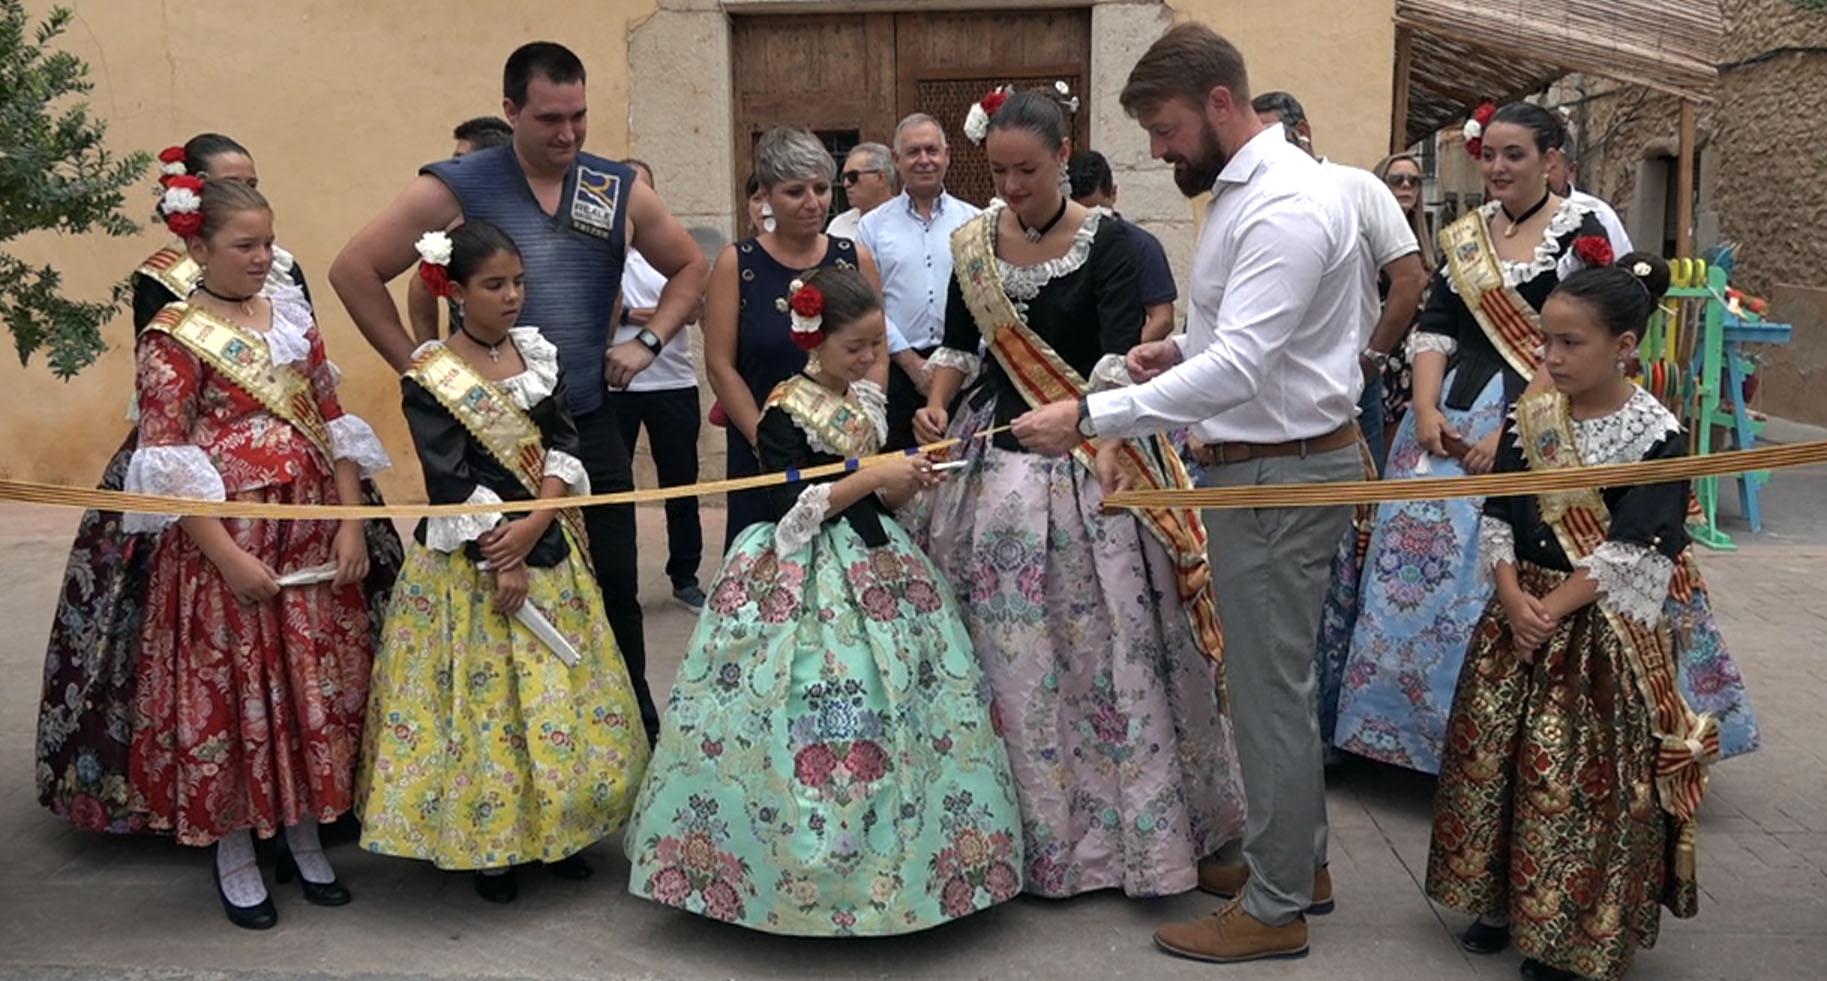 Turisme declara la Mostra d'Oficis de Sant Jordi Festa d'Interés Turístic Local